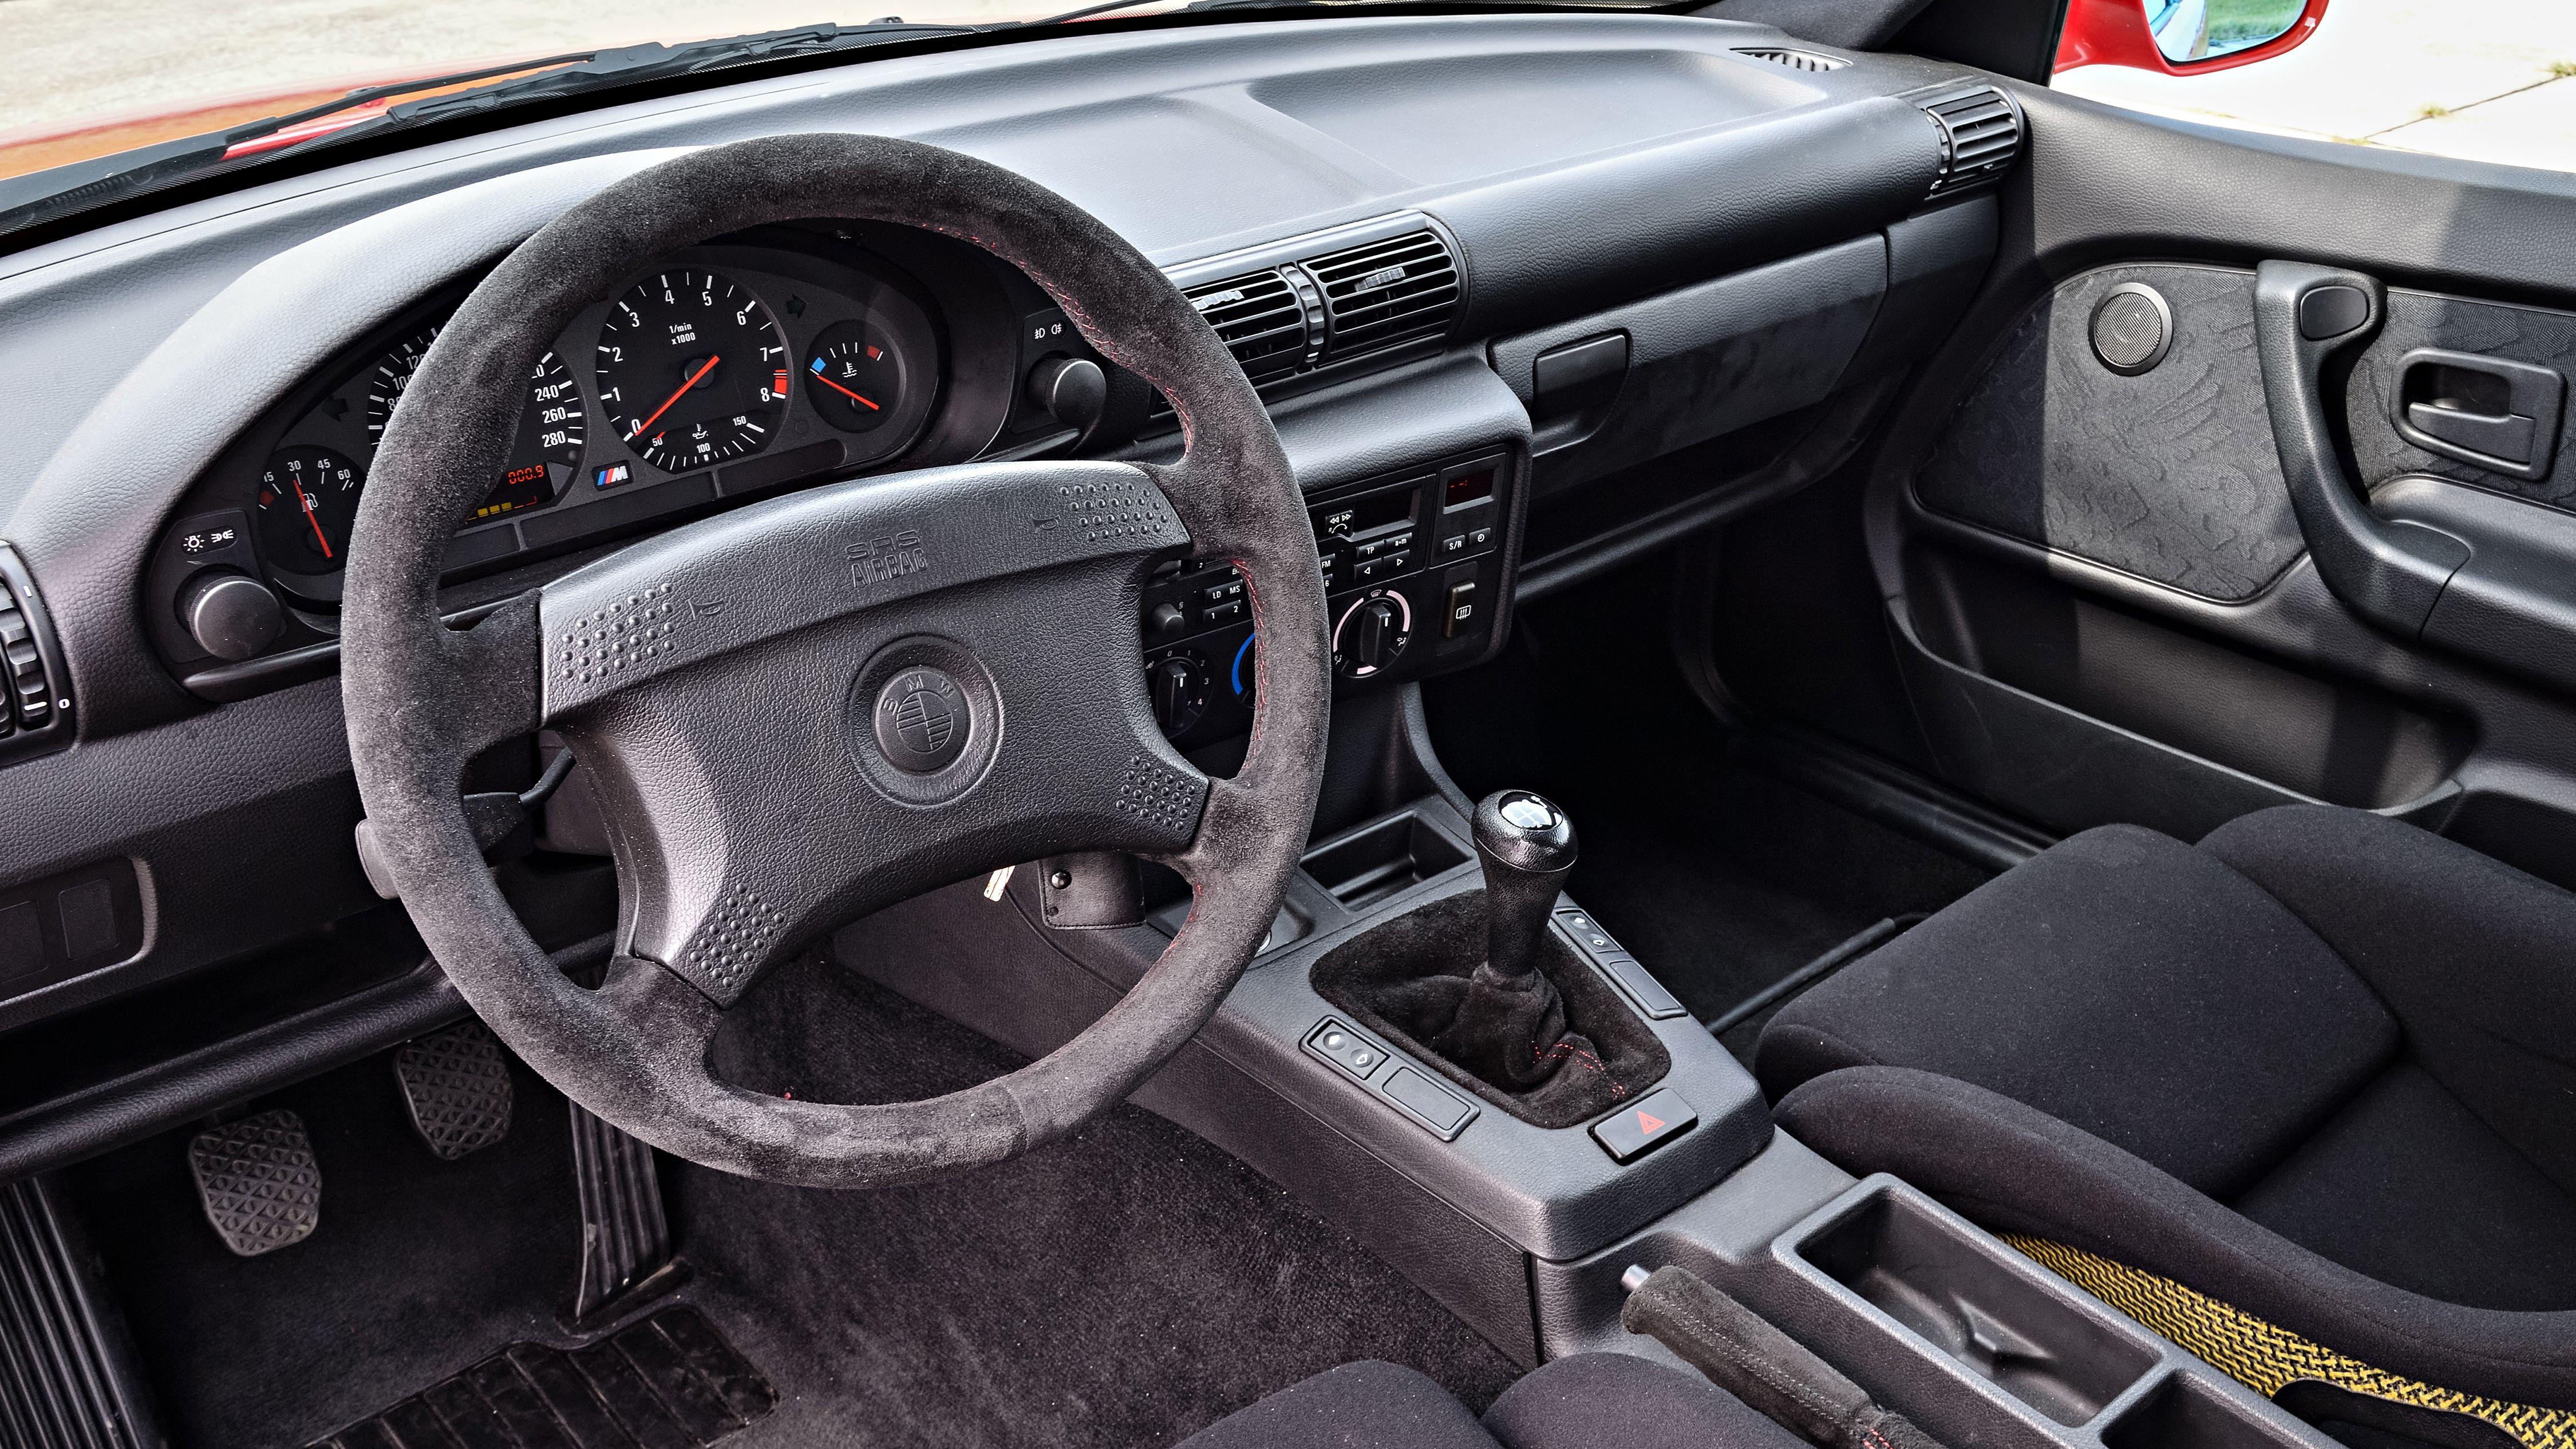 BMW M3 pact E36 1996 BMW Pinterest